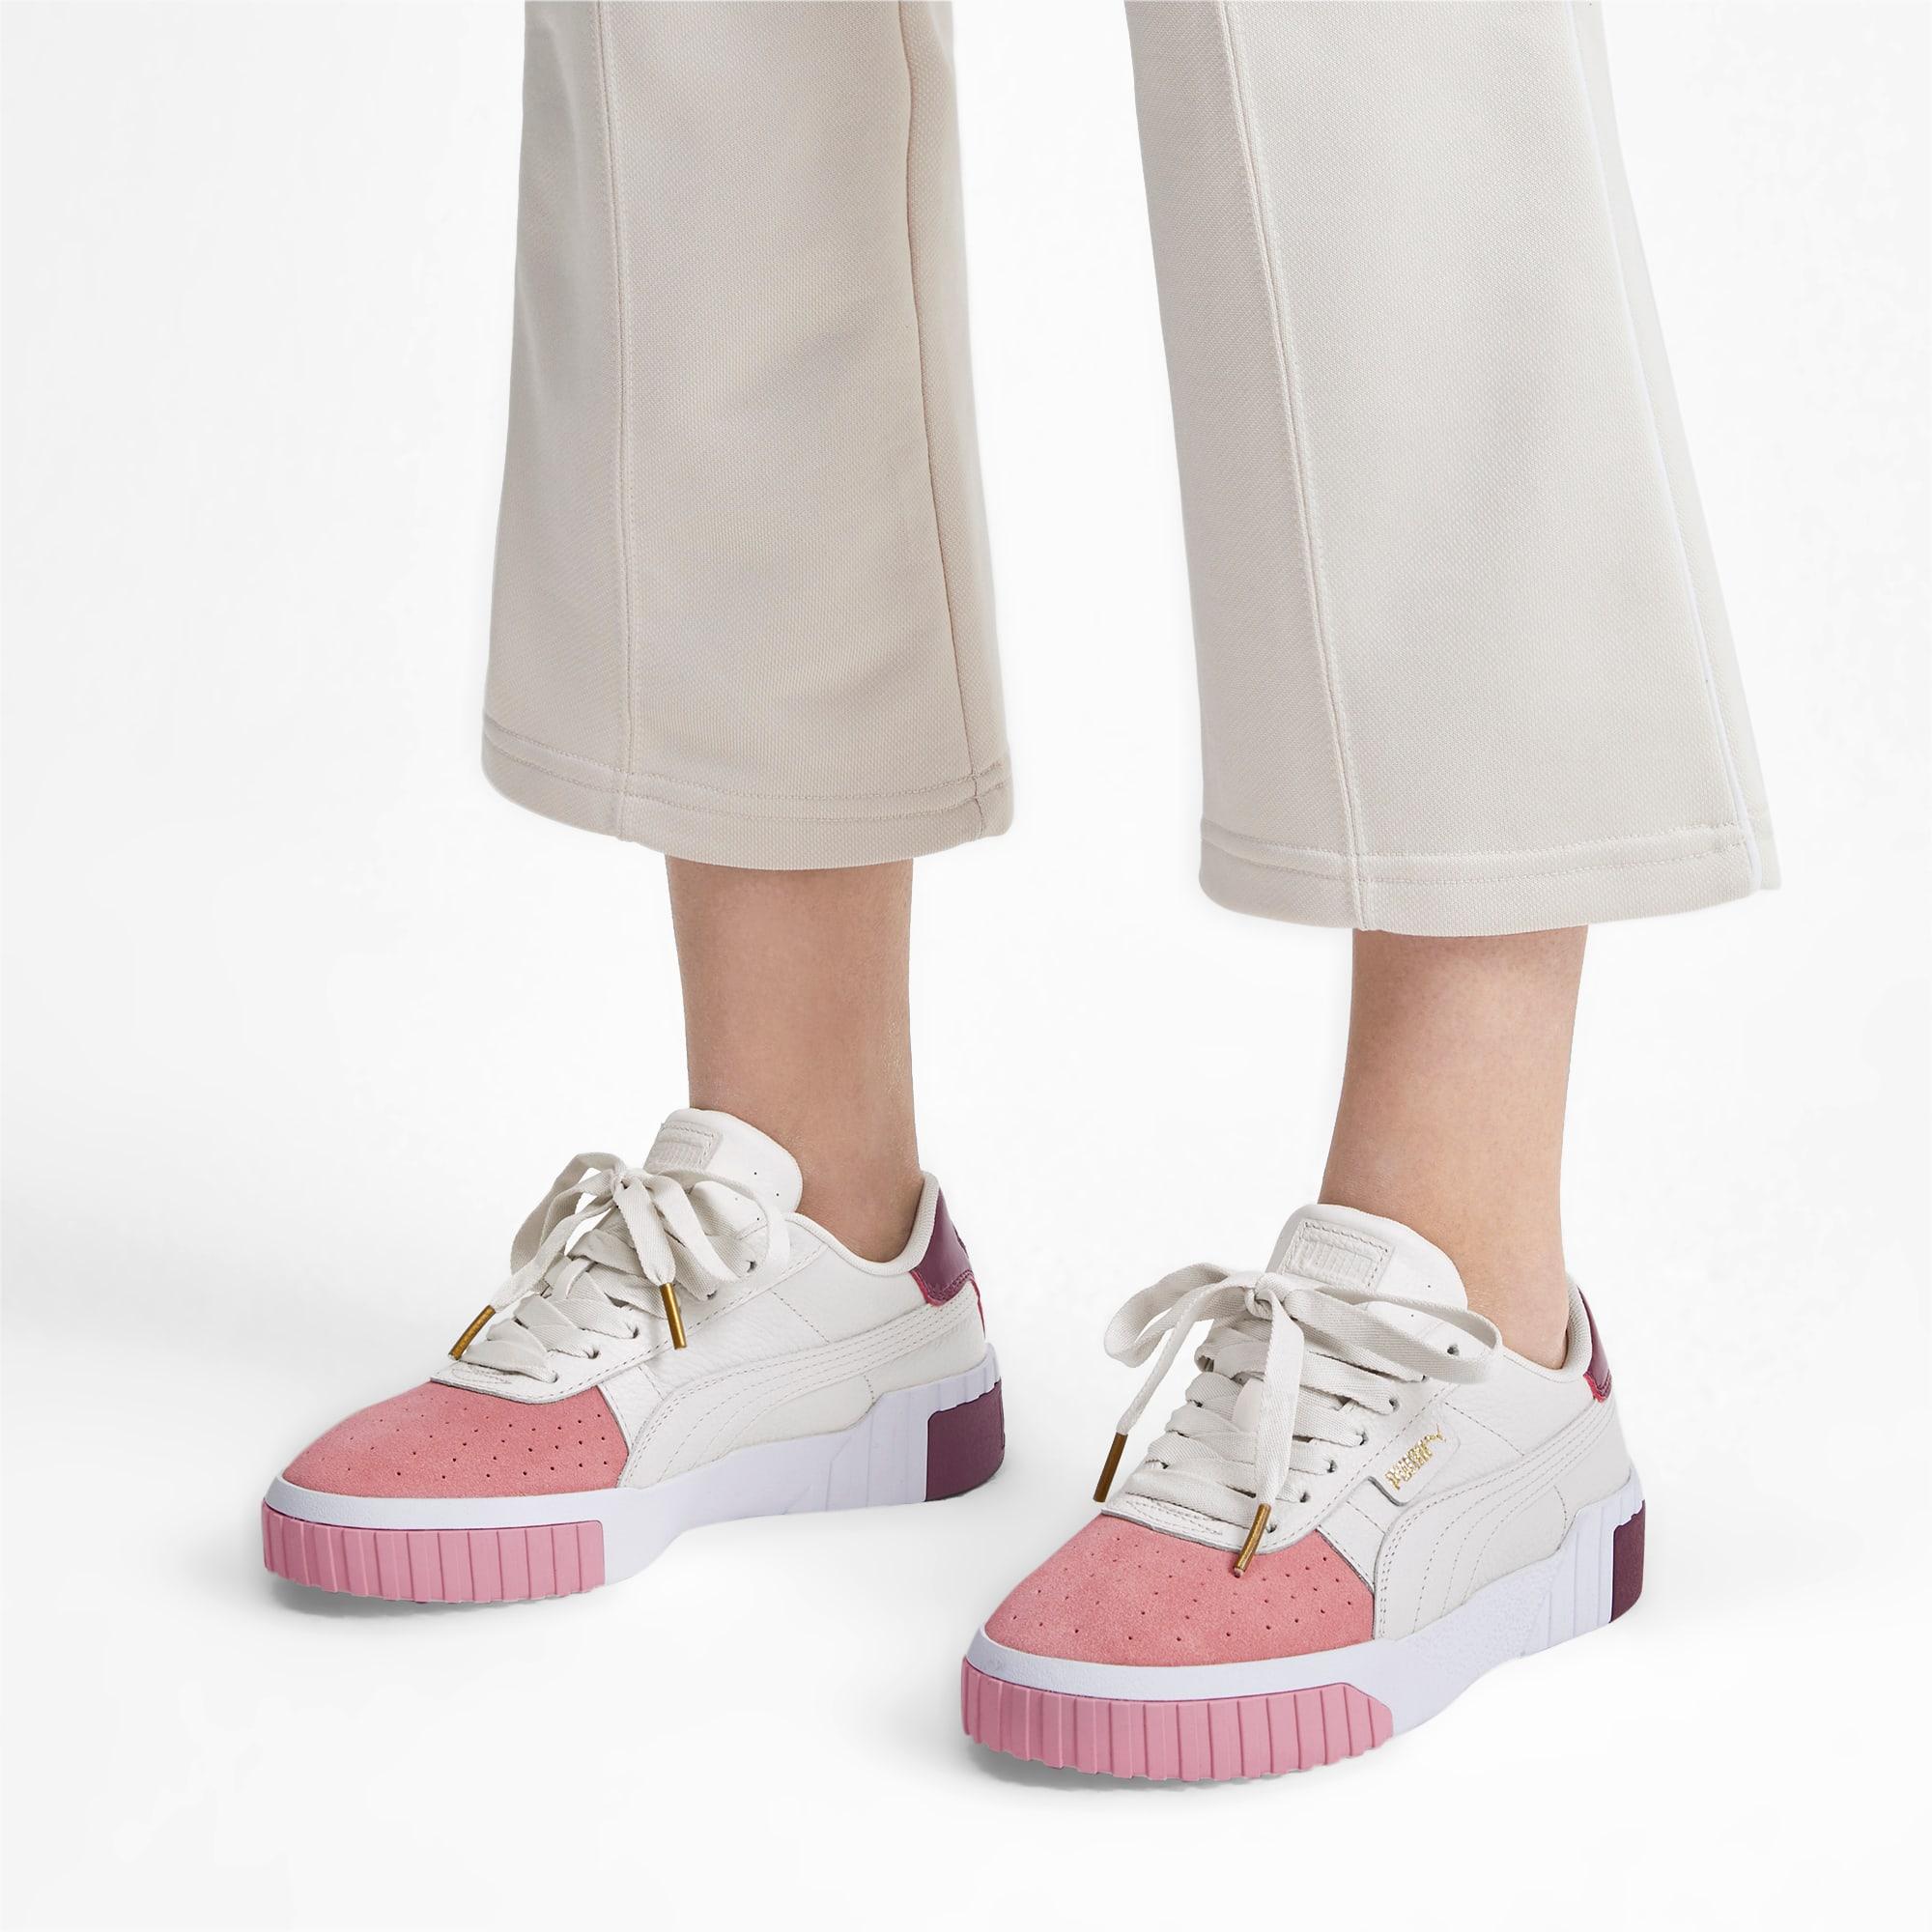 gancho Atrás, atrás, atrás parte nombre  Cali Remix Women's Trainers | Pastel Parchment-Bridal Rose | PUMA Shoes |  PUMA